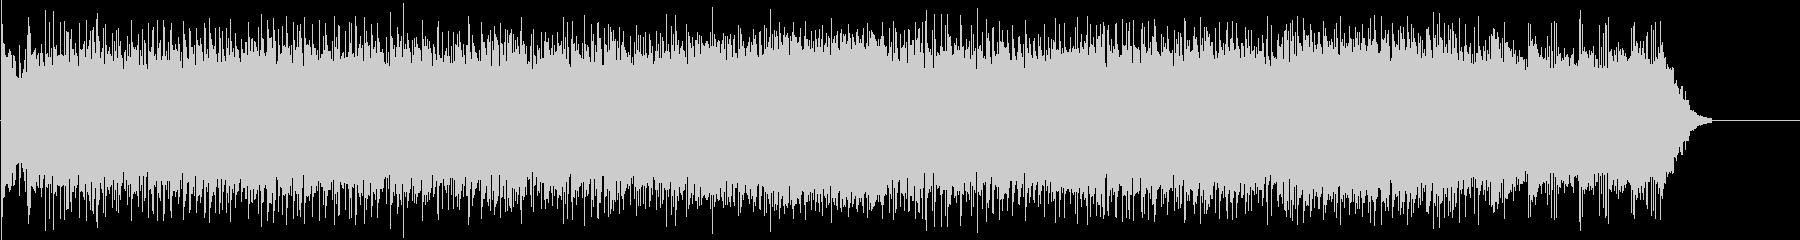 お洒落な6/8拍子ポップ・フュージョンの未再生の波形